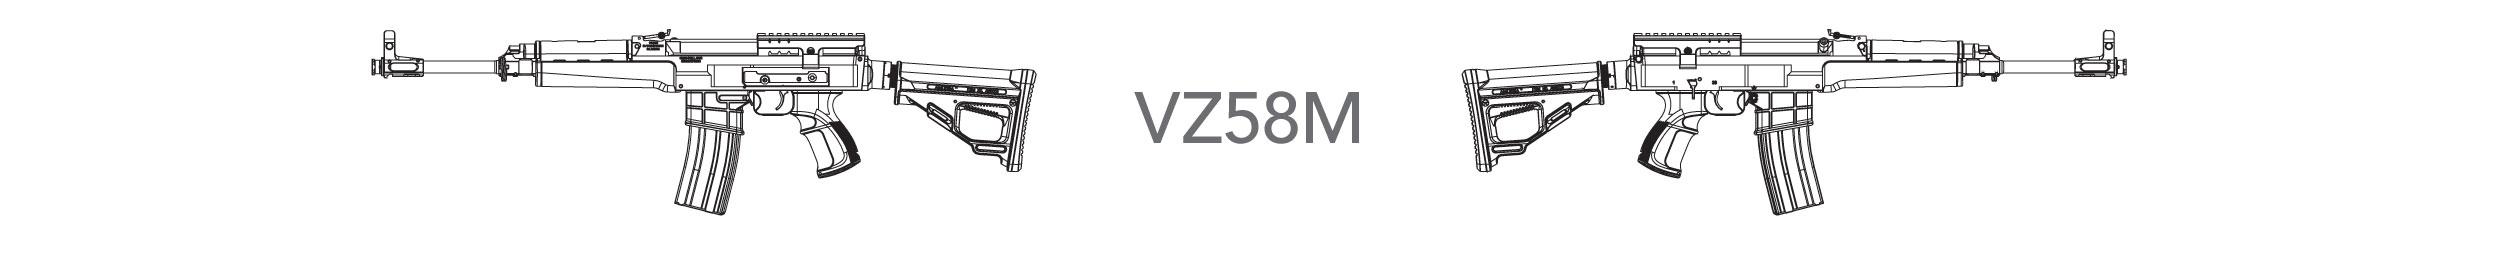 VZ58M.jpg